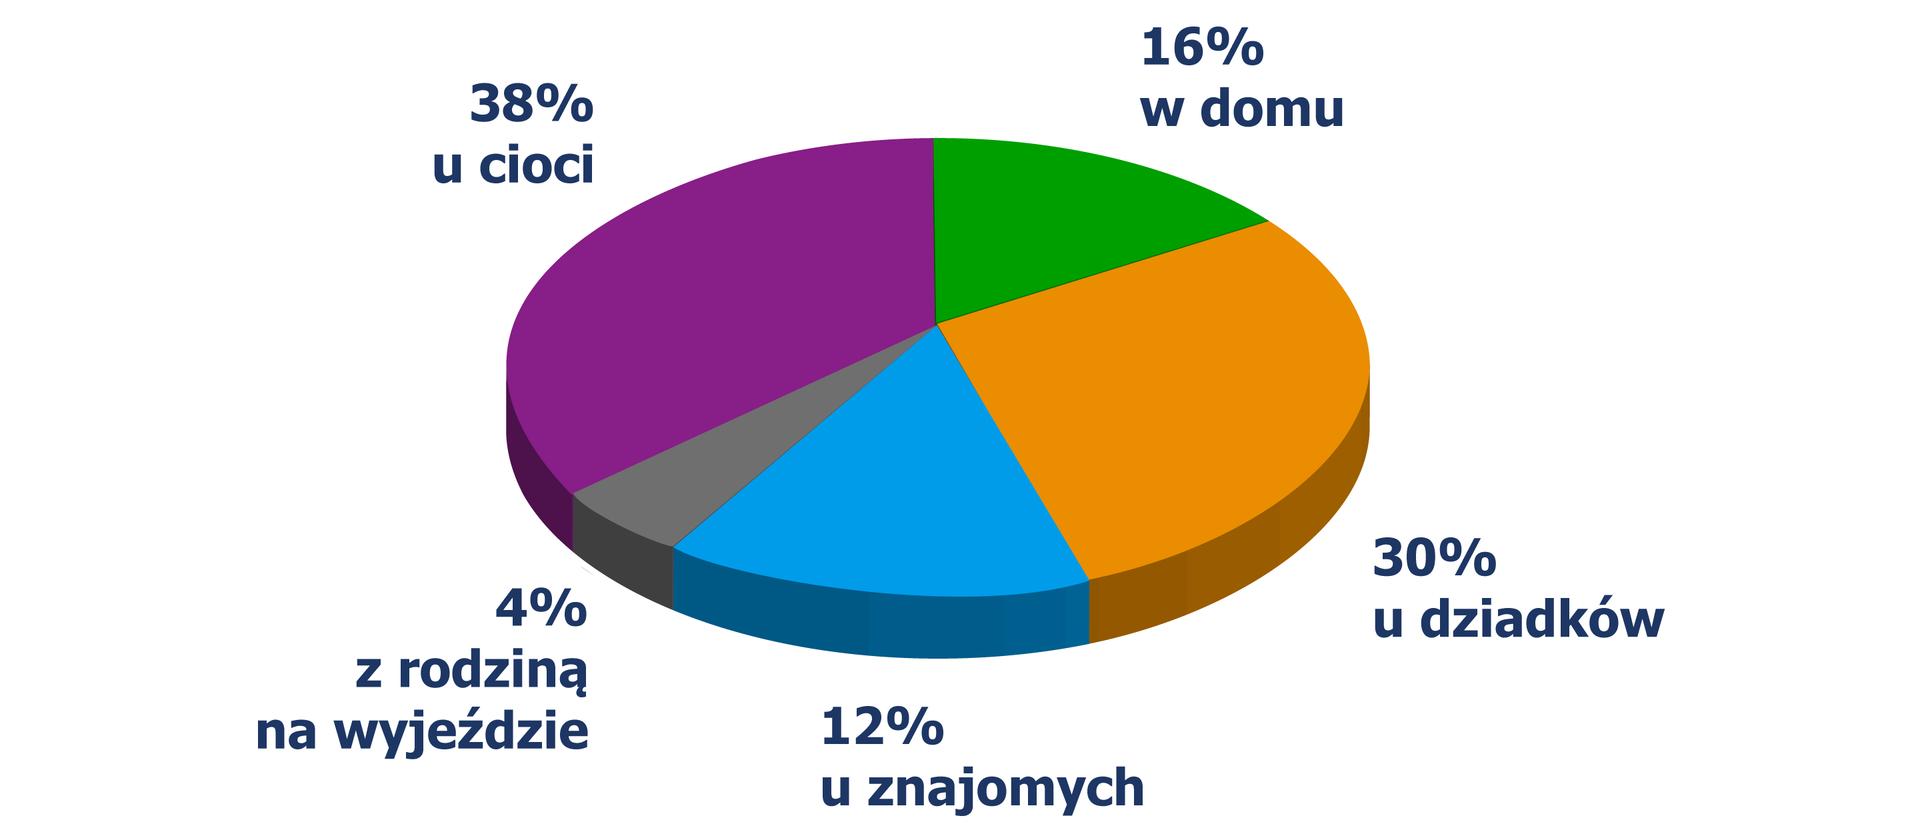 Diagram kołowy, zktórego odczytujemy miejsce spędzenia świąt przez uczniów: wdomu - 16%, udziadków - 30%, uznajomych - 12%, zrodziną na wyjeździe - 4%, ucioci - 38%.